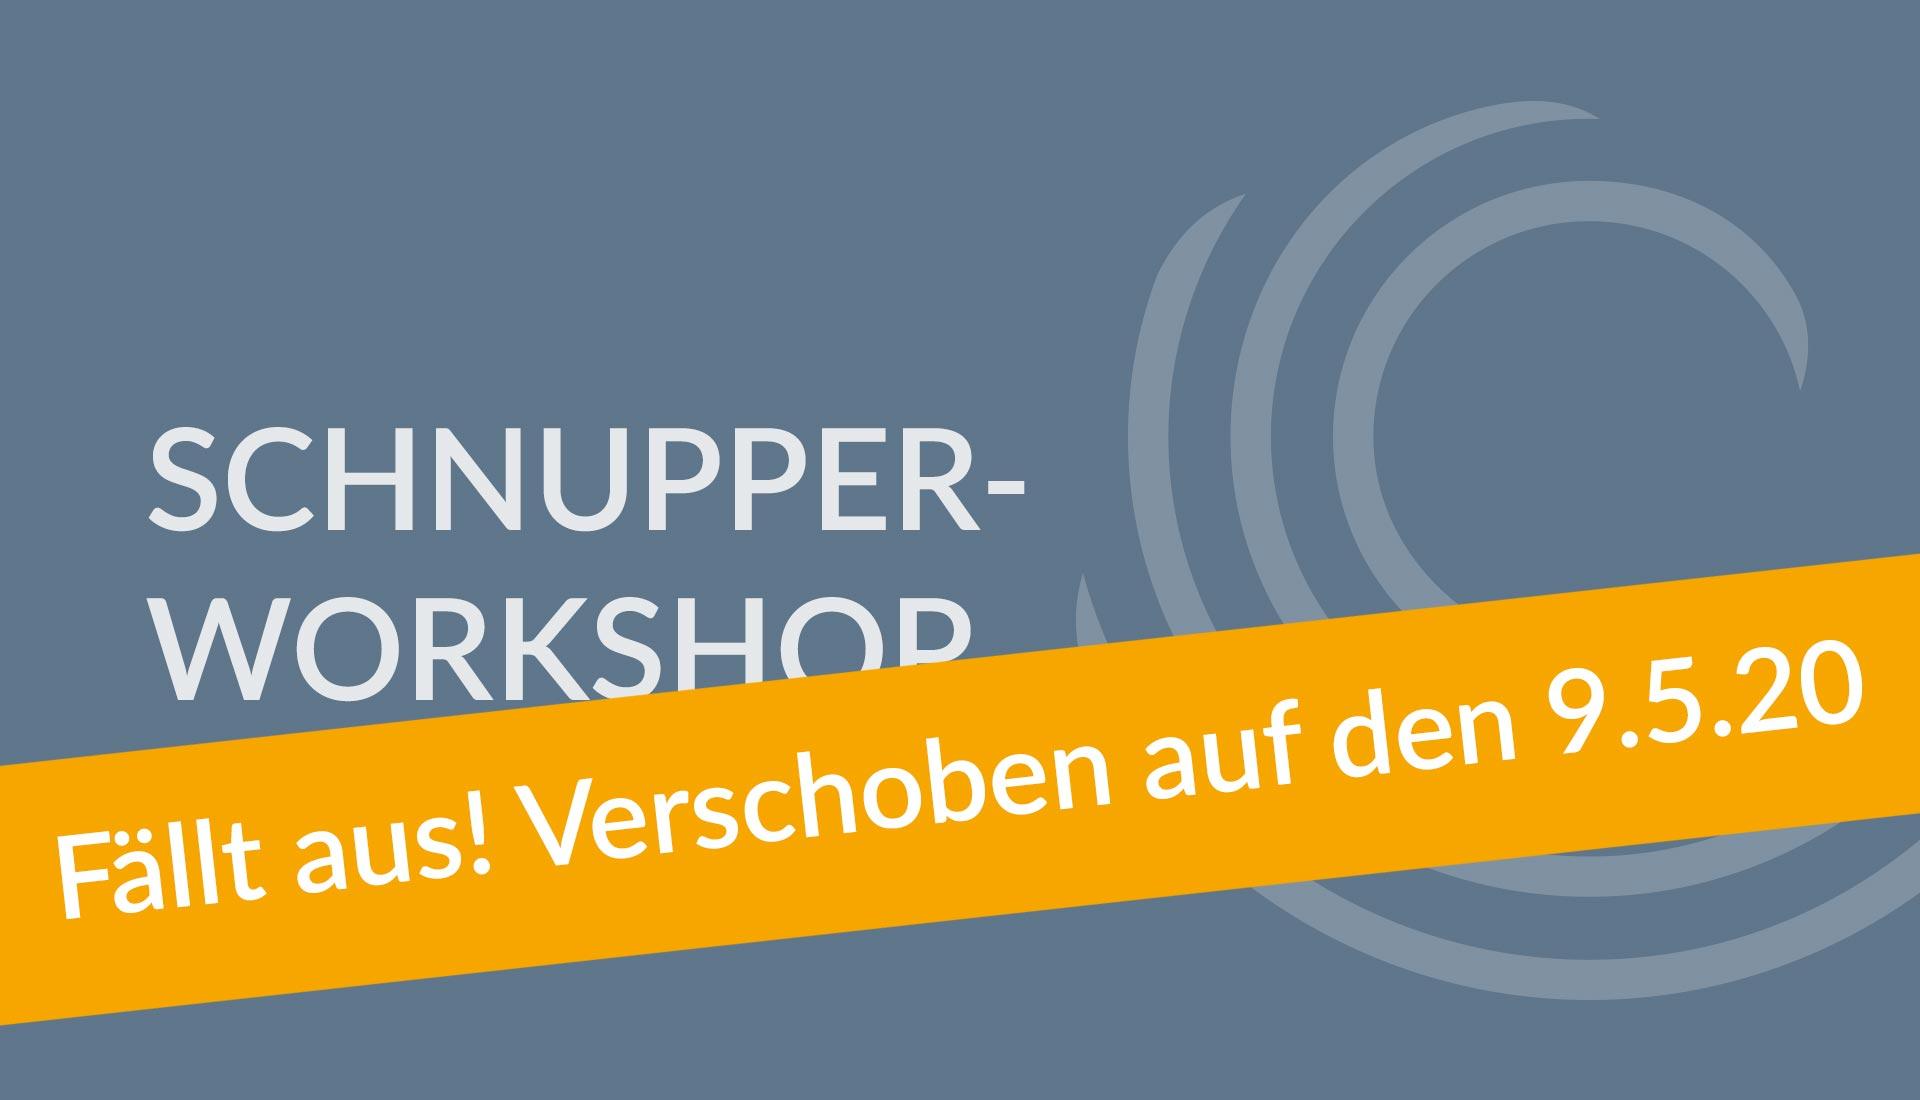 MBSR Schnupper-Workshop mit Julia Seegebarteh